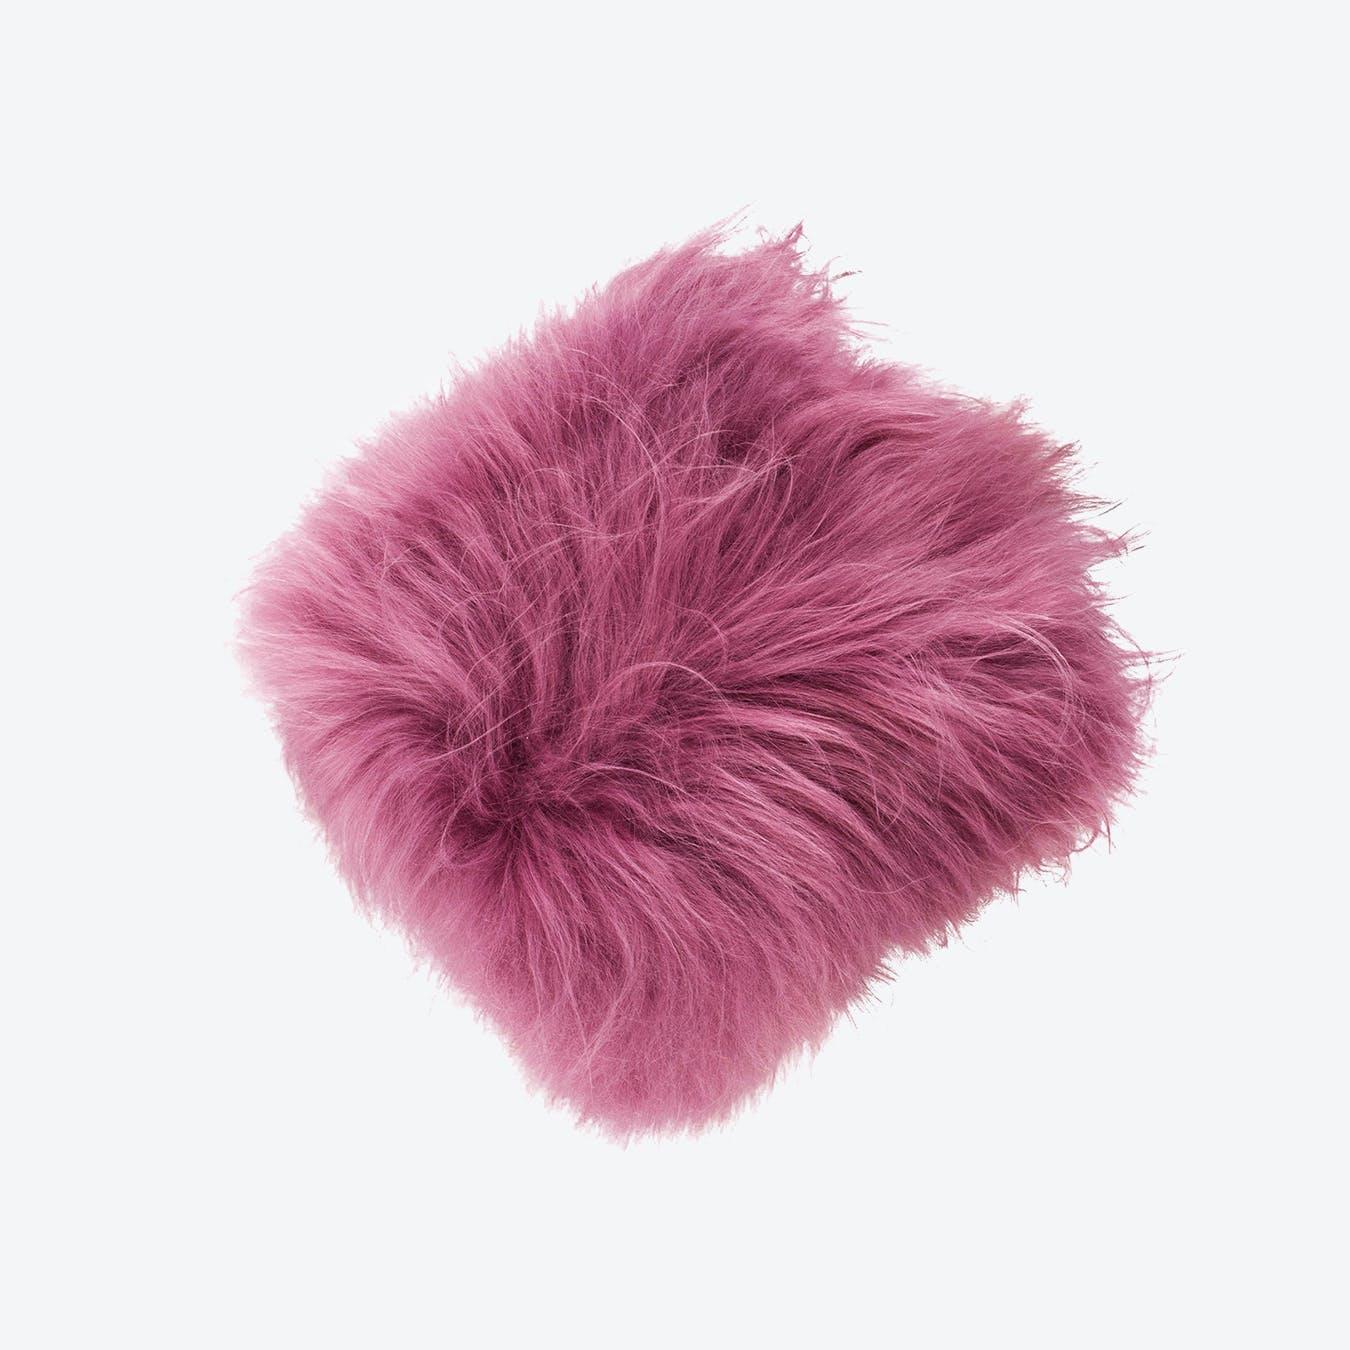 Icelandic Sheepskin Pillow - Dark Pink